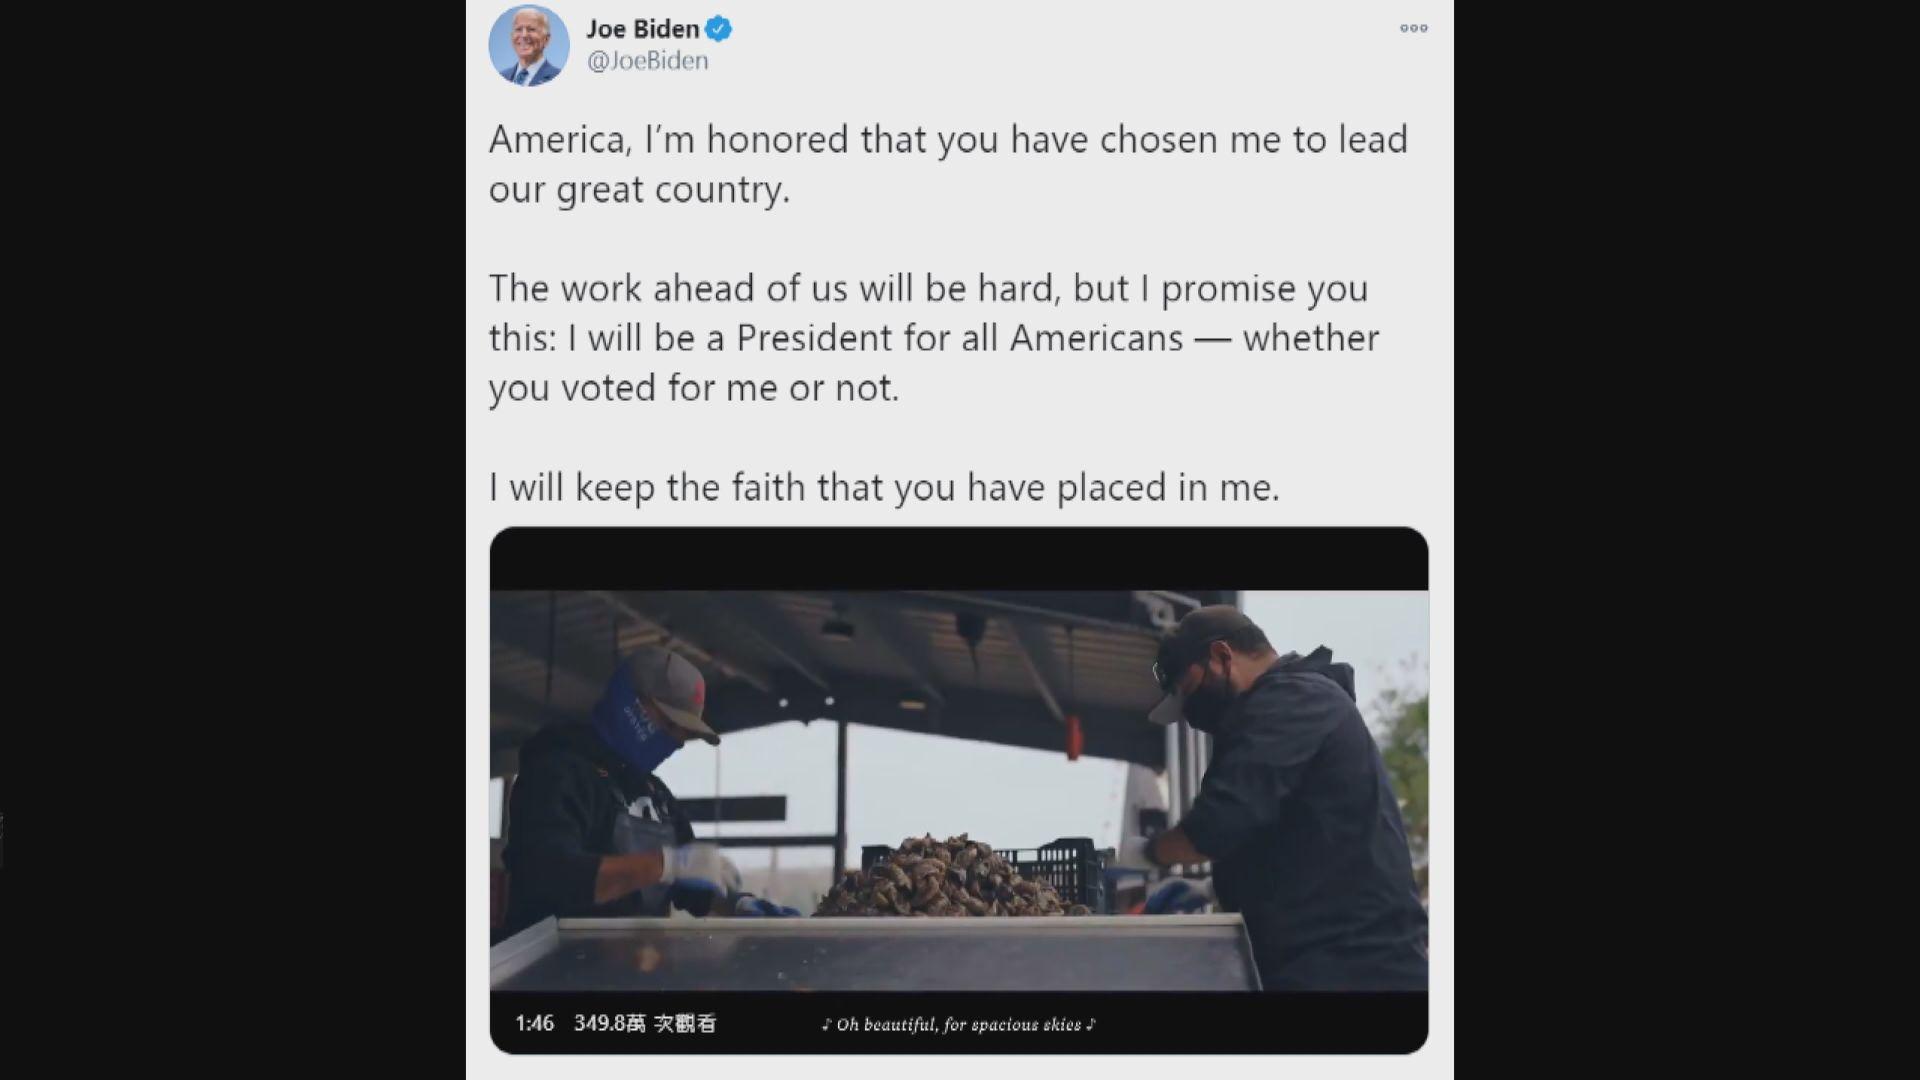 美聯社及多間美媒:拜登勝出賓夕法尼亞州當選美國總統